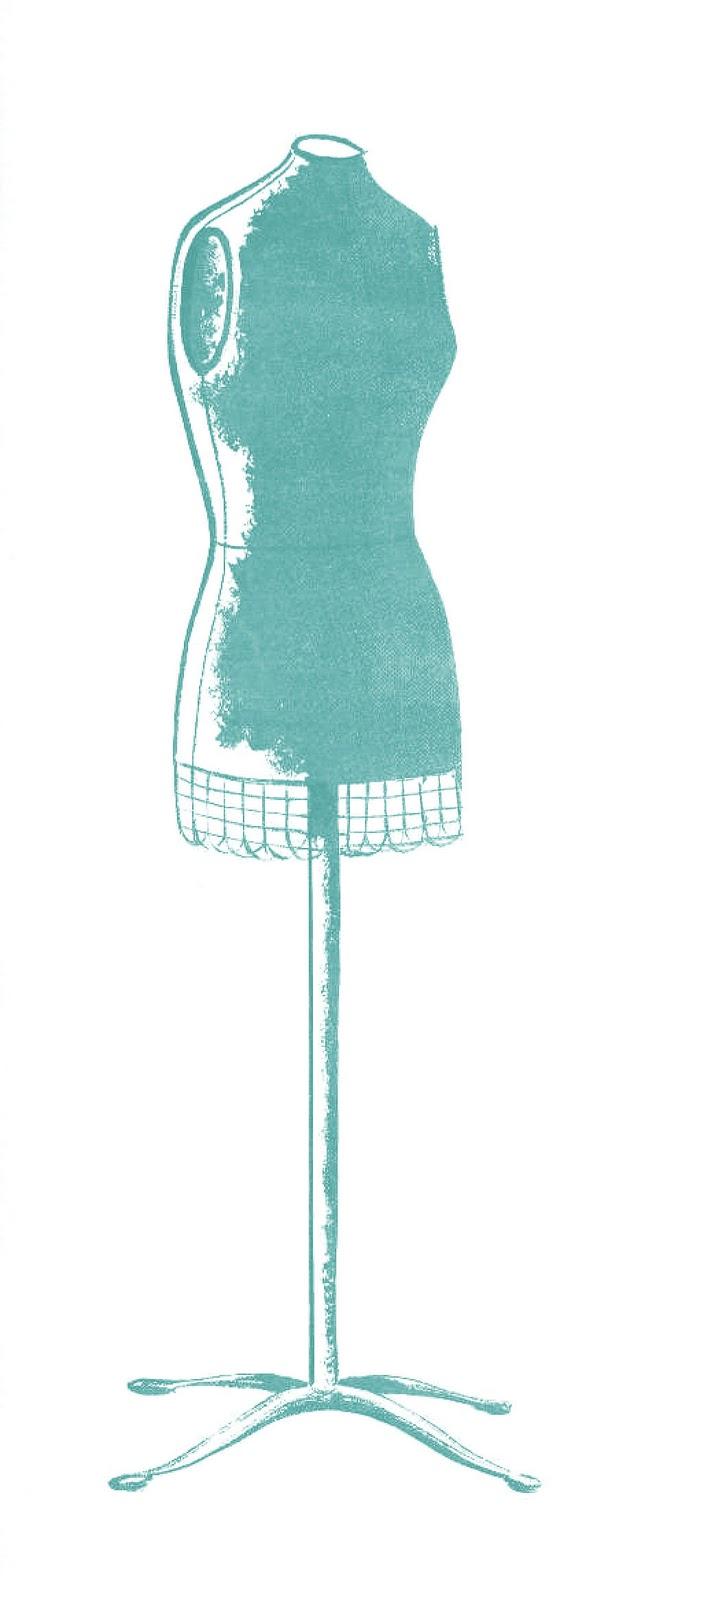 vintage dresses clipart - photo #49